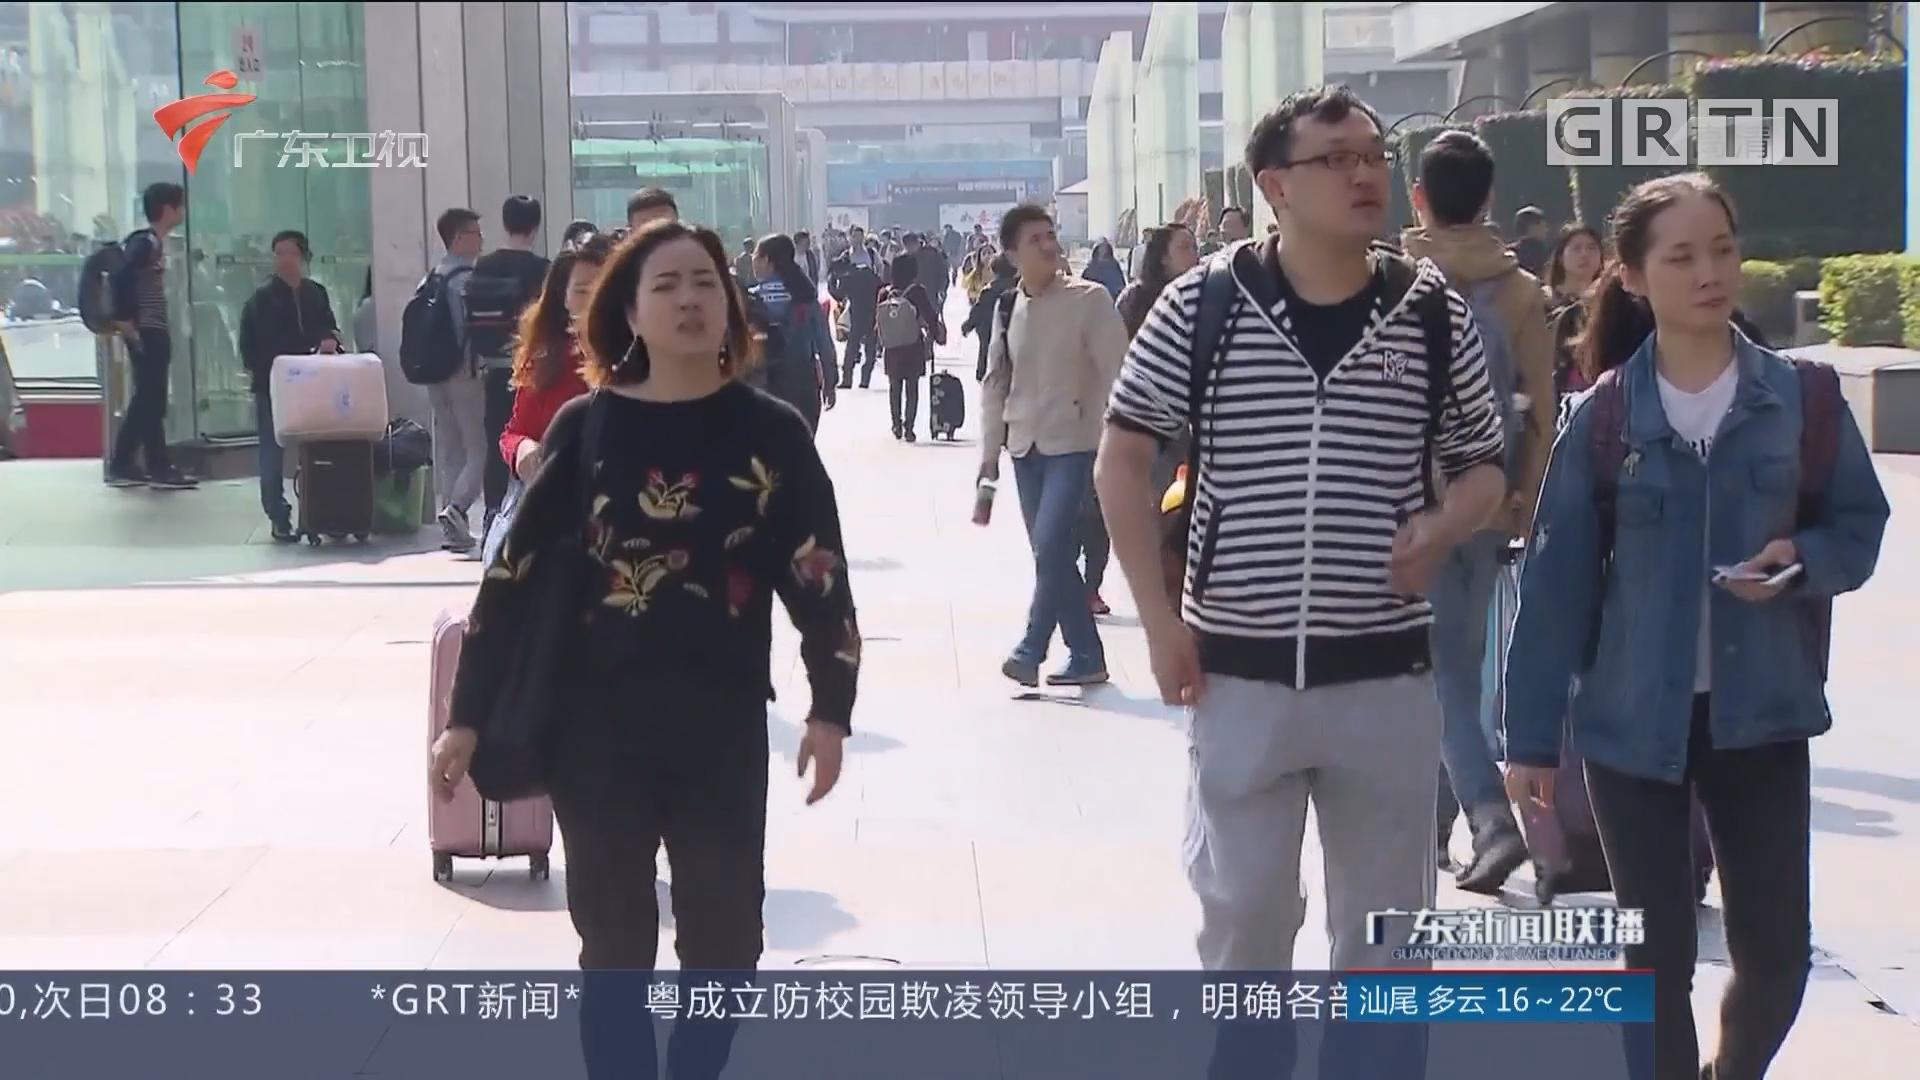 中小学生放寒假 旅游市场迎报名高峰